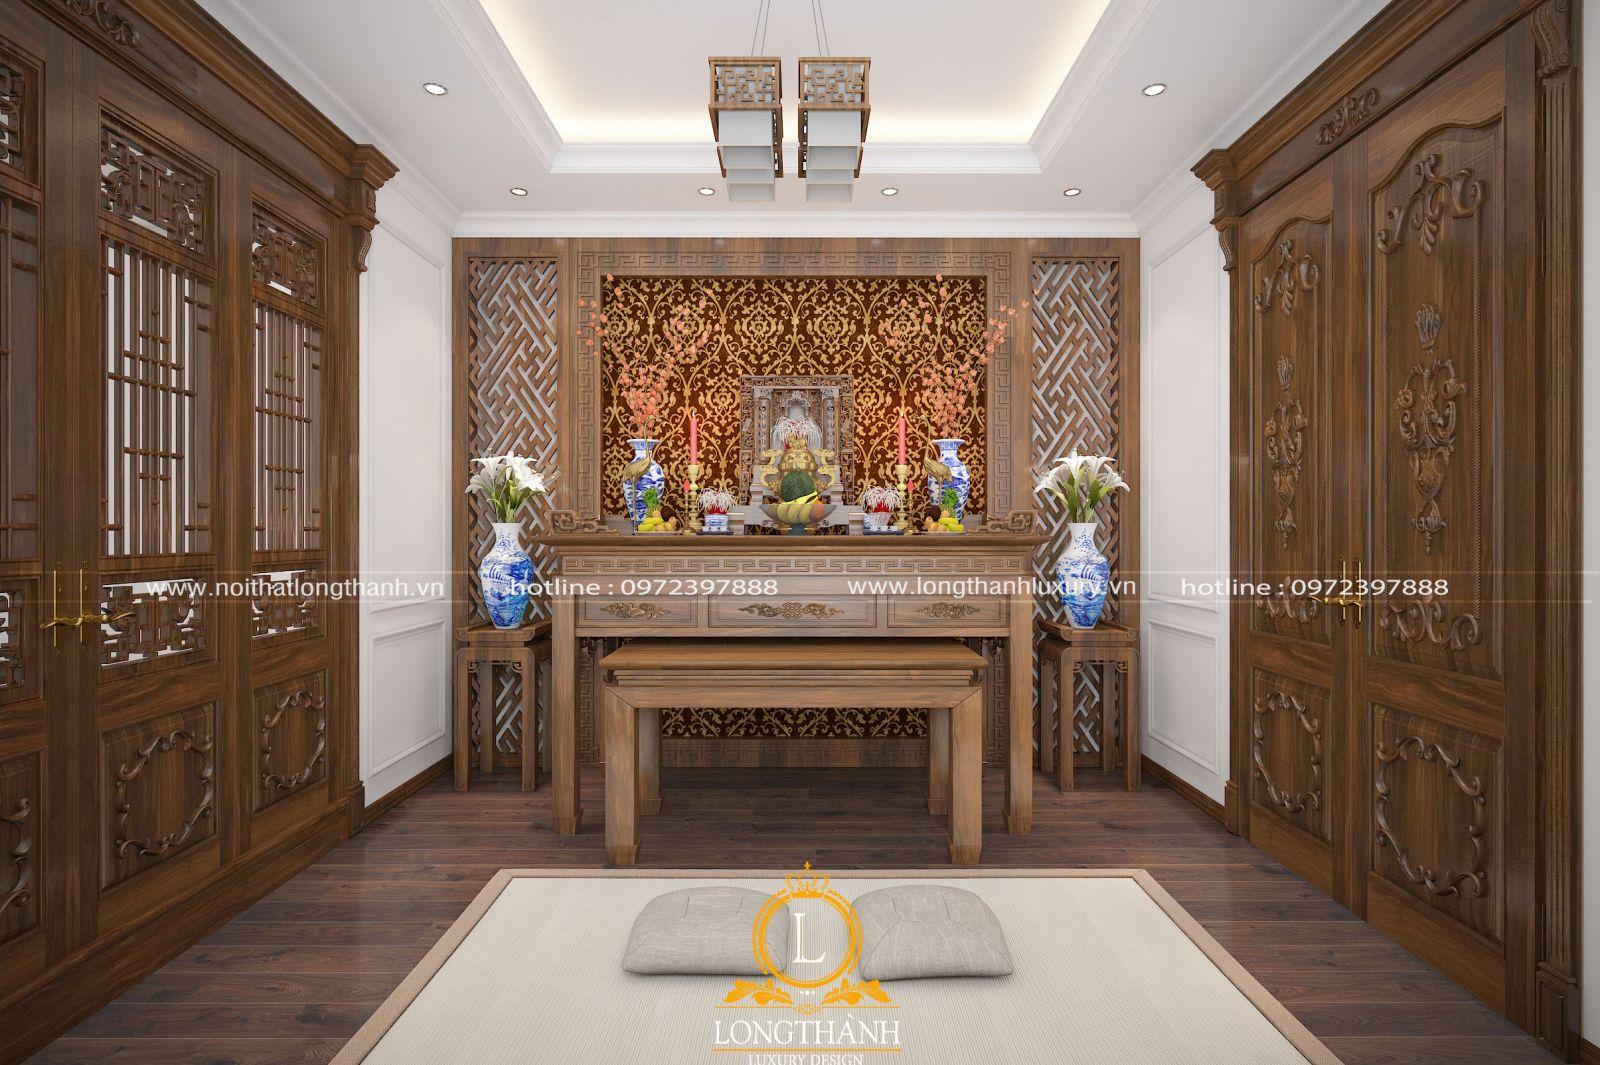 Căn phòng thờ theo phong cách hiện đại